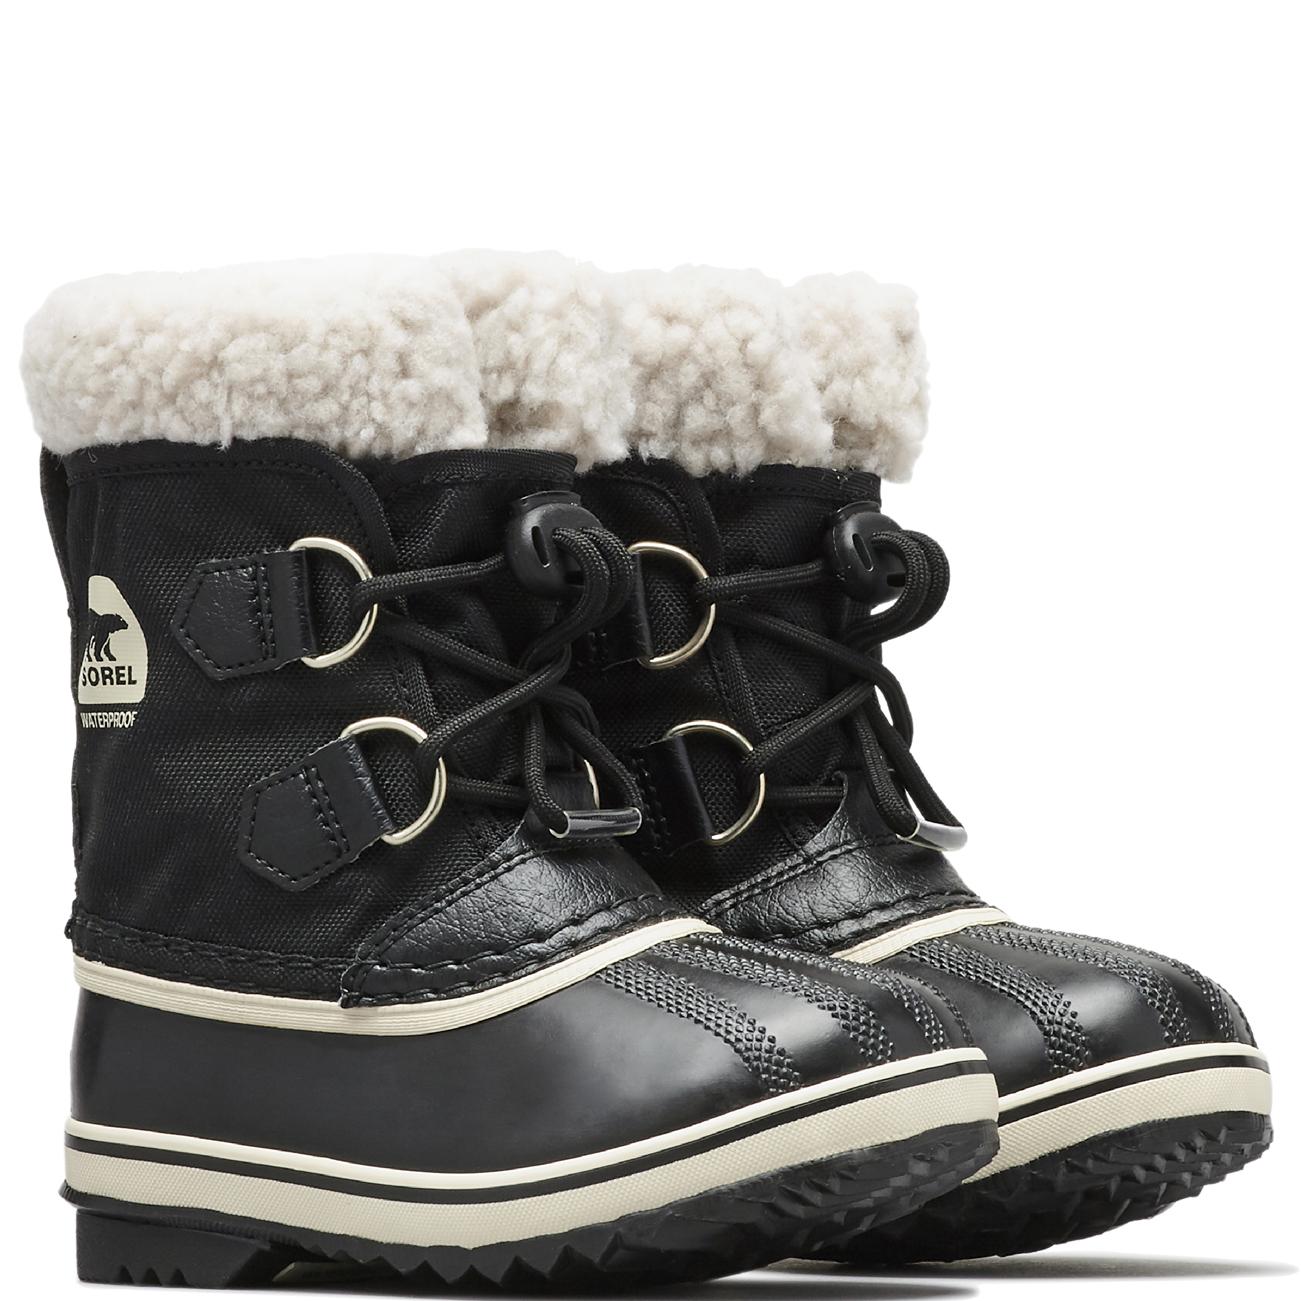 58effddaca1d3 Unisex Kids Sorel Youth Pac Nylon Fur Lined Waterproof Ankle Snow ...